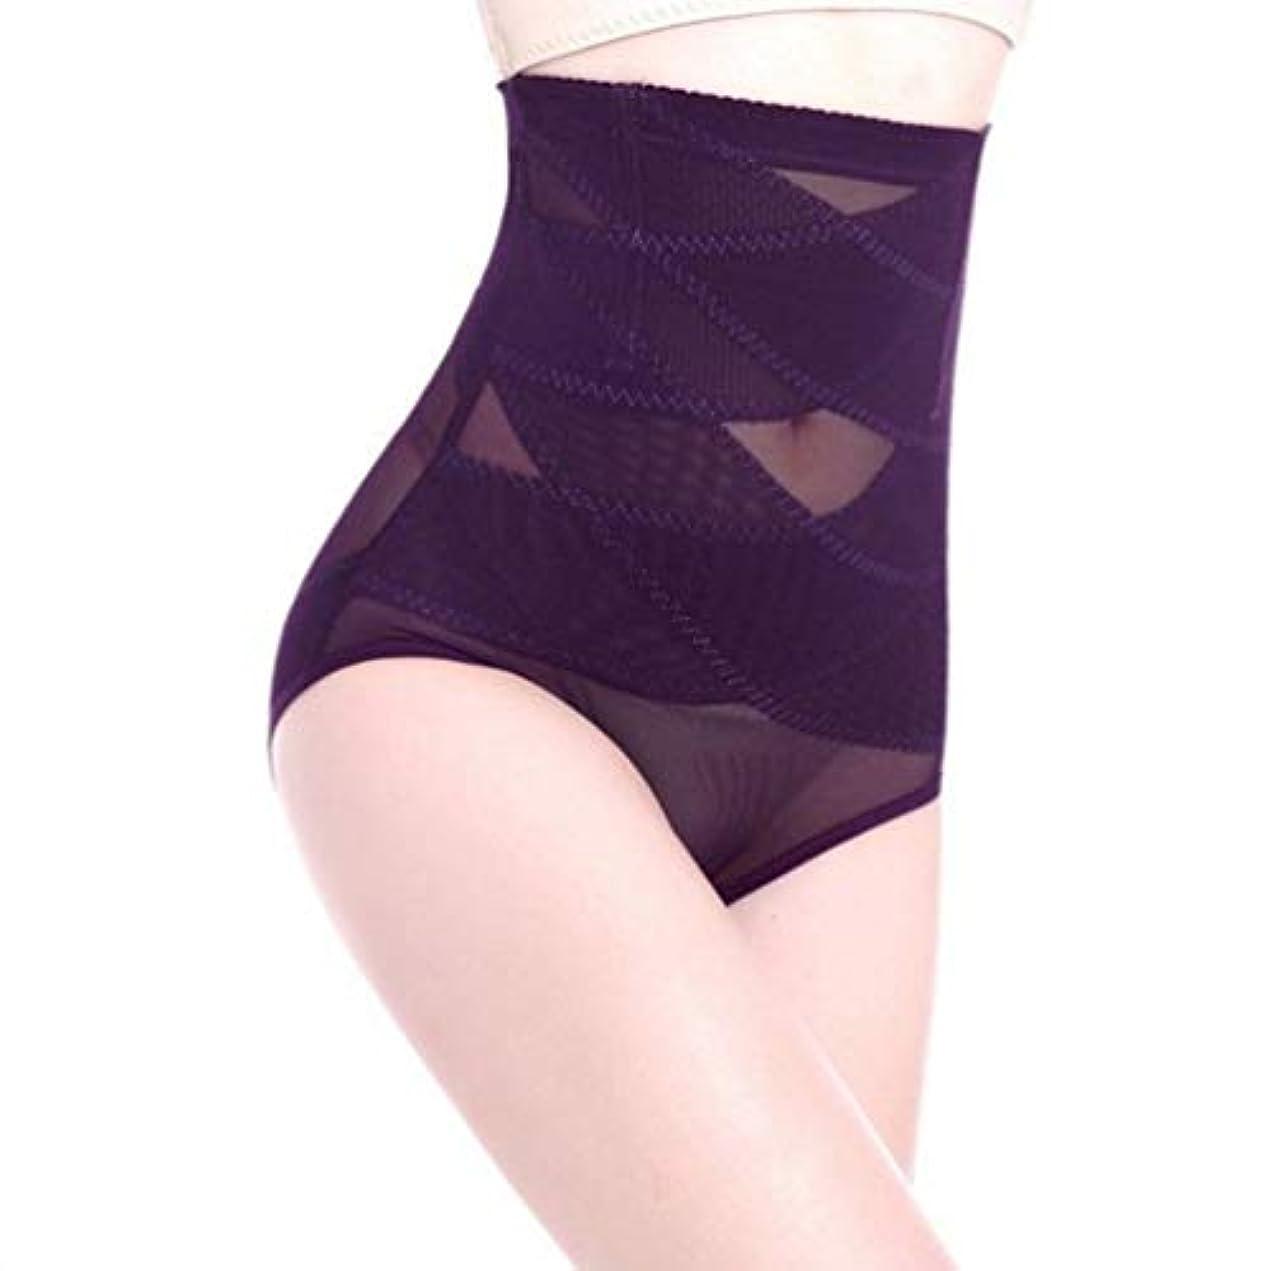 ワードローブ火炎知覚通気性のあるハイウエスト女性痩身腹部コントロール下着シームレスおなかコントロールパンティーバットリフターボディシェイパー - パープル3 XL